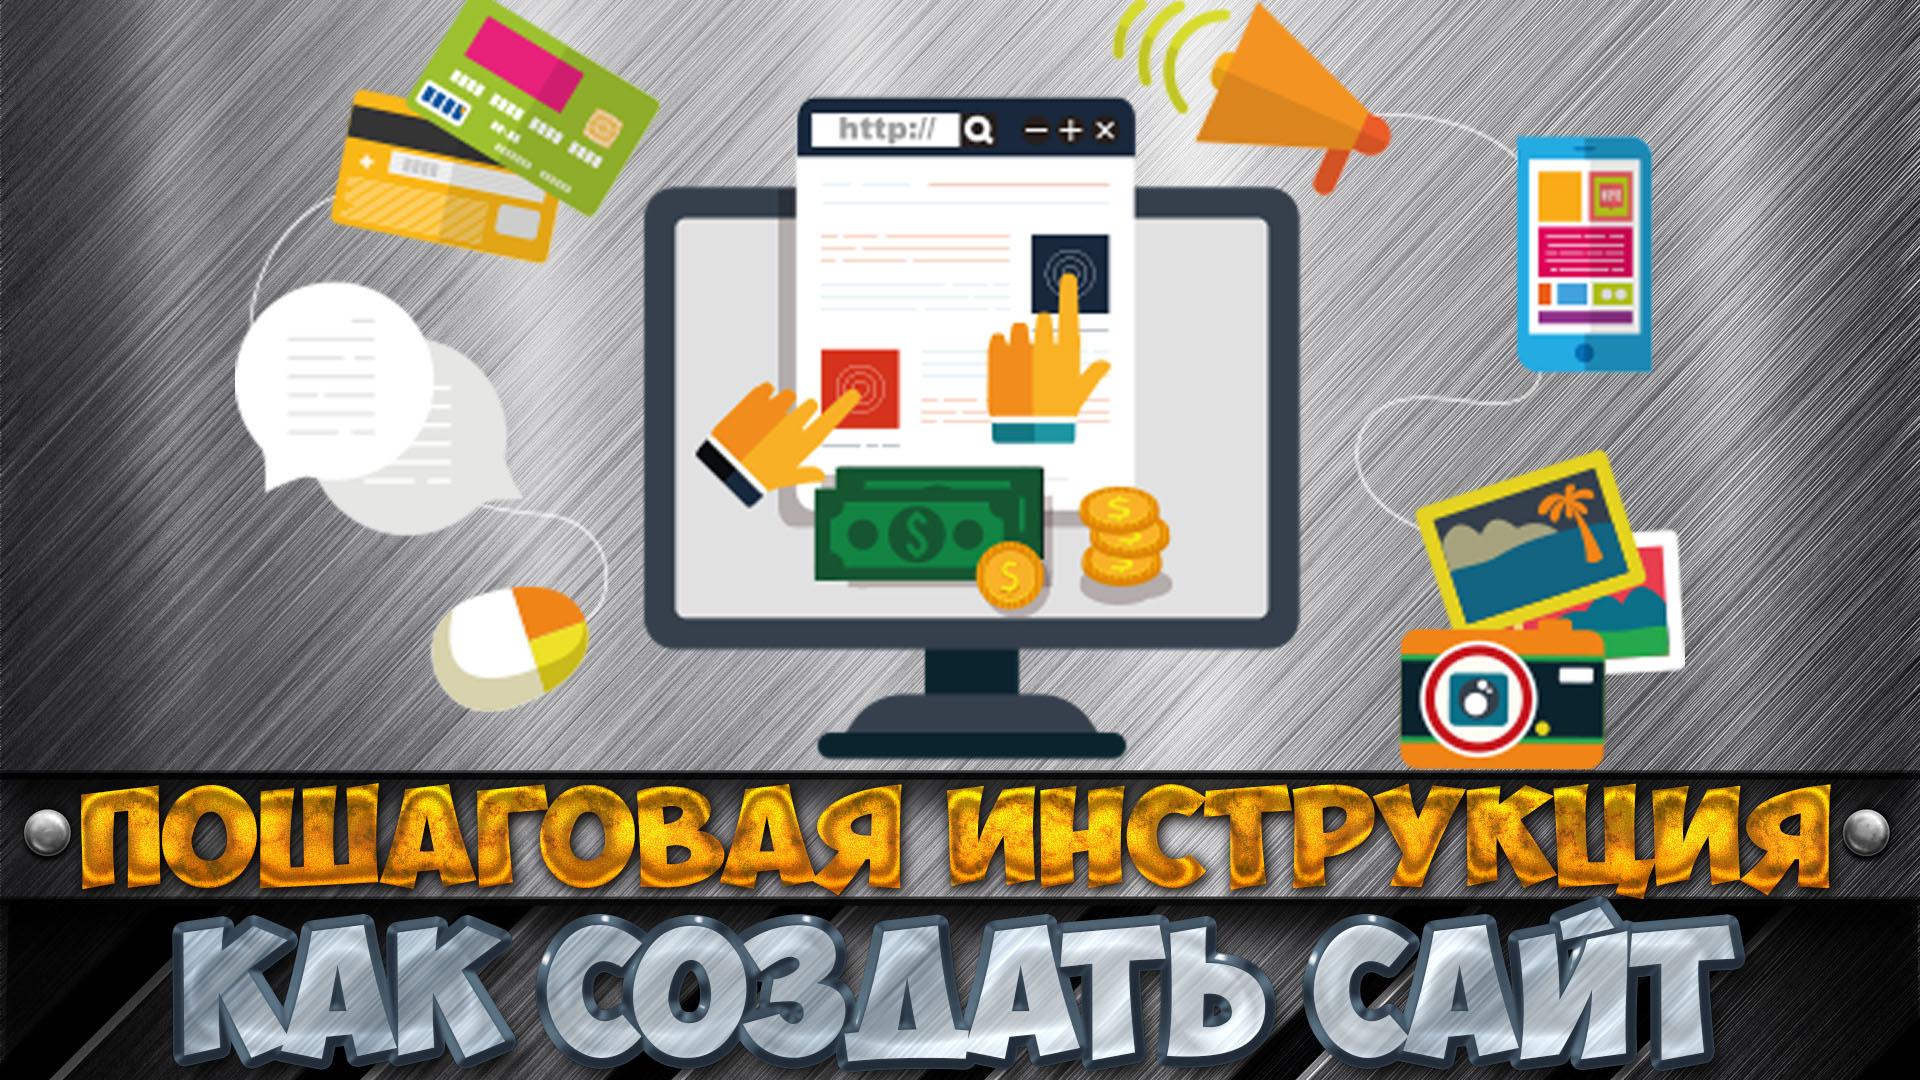 Создание сайта на вордпресс пошаговая инструкция